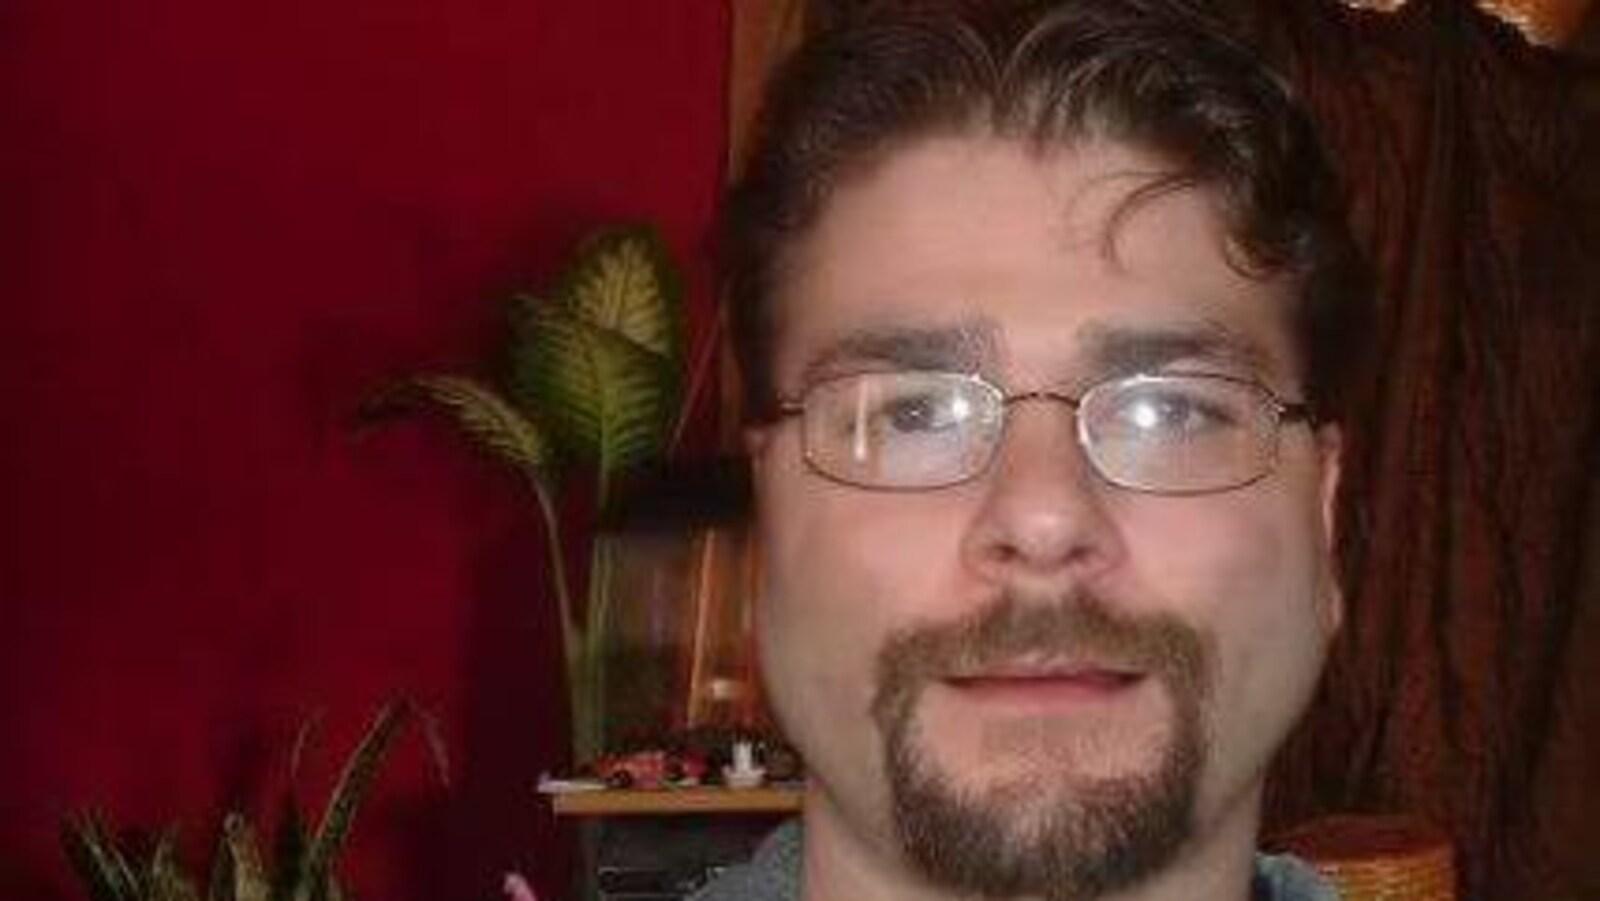 Un homme avec des lunettes et un bouc se trouve devant un mur rouge et regarde droit devant lui.